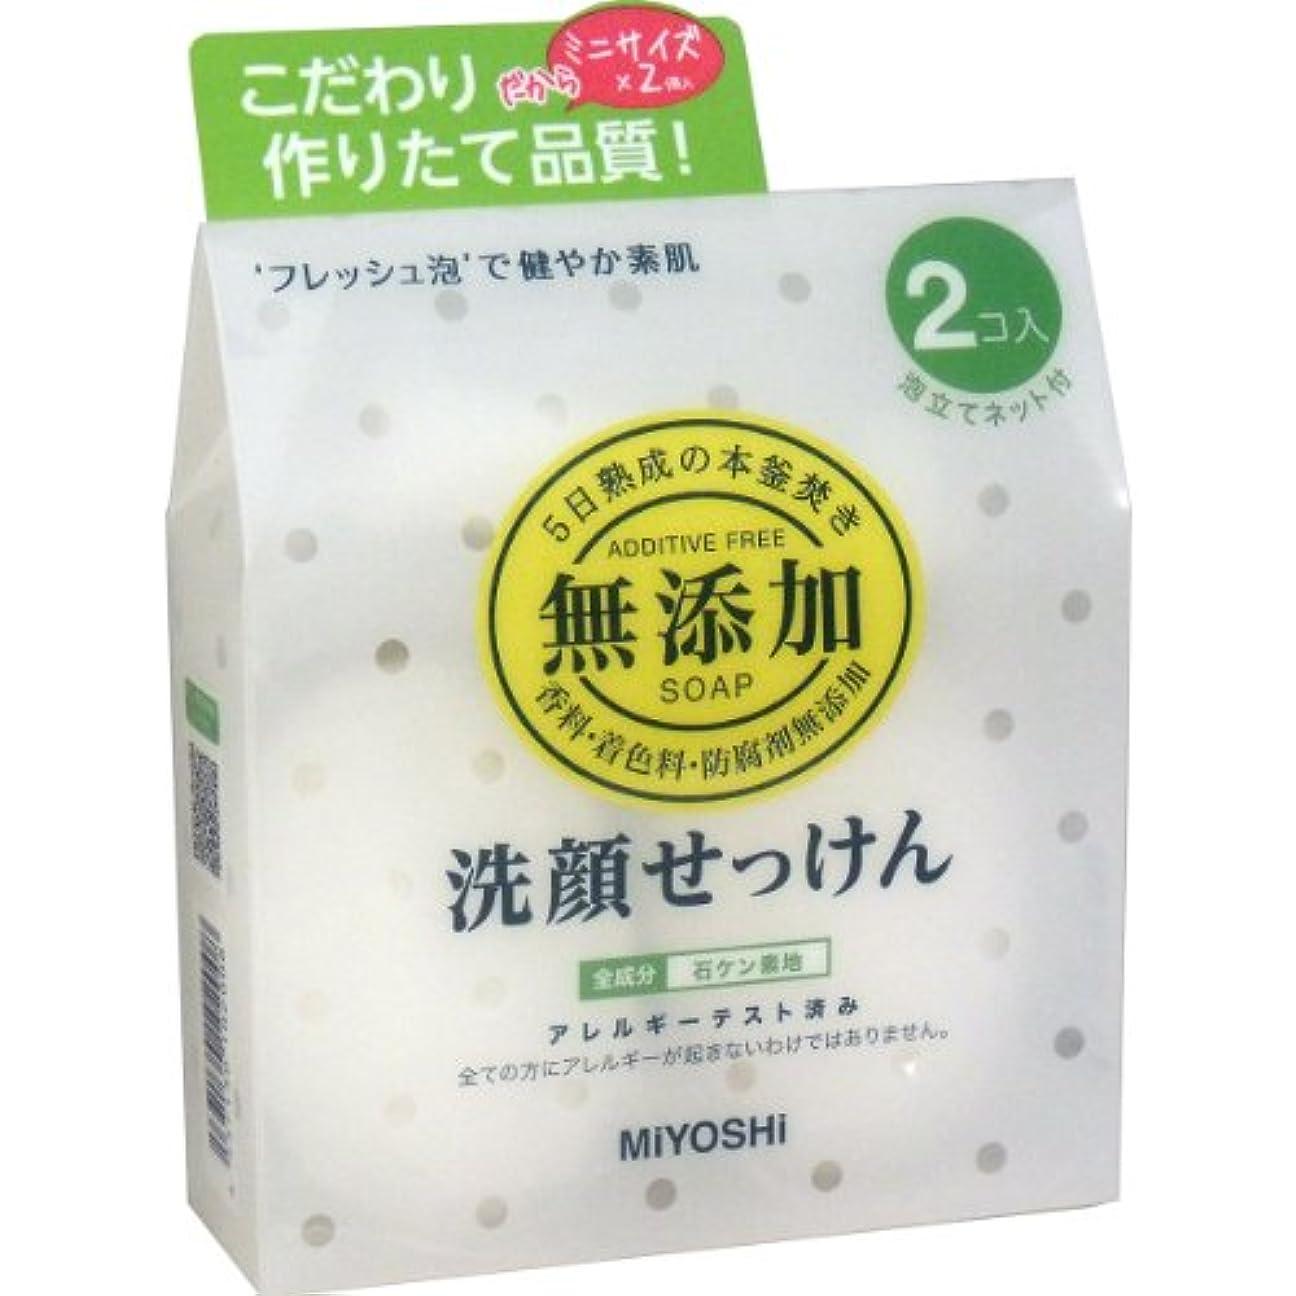 詳細にビュッフェ埋める【まとめ買い】ミヨシ石鹸 無添加洗顔せっけん2個入 80g ×2セット